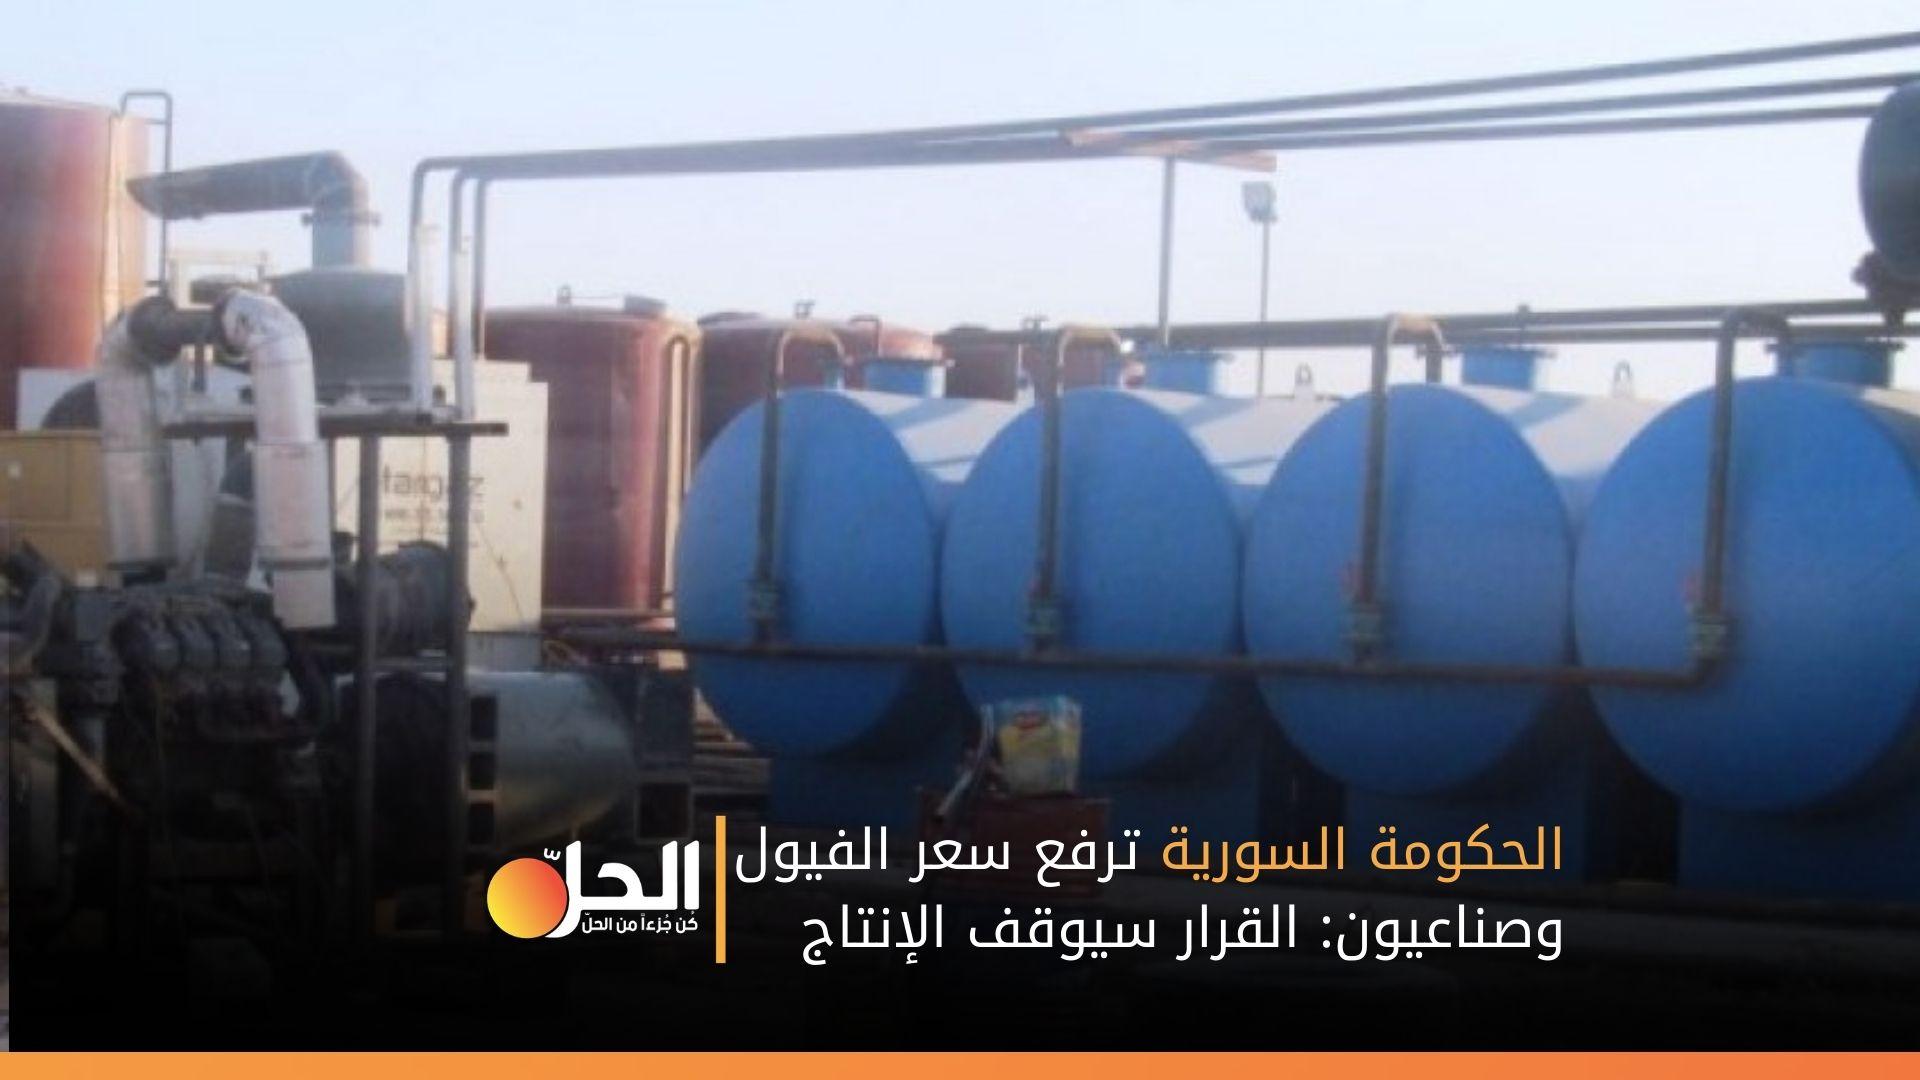 الحكومة السورية ترفع سعر الفيول.. وصناعيون: القرار سيوقف الإنتاج!